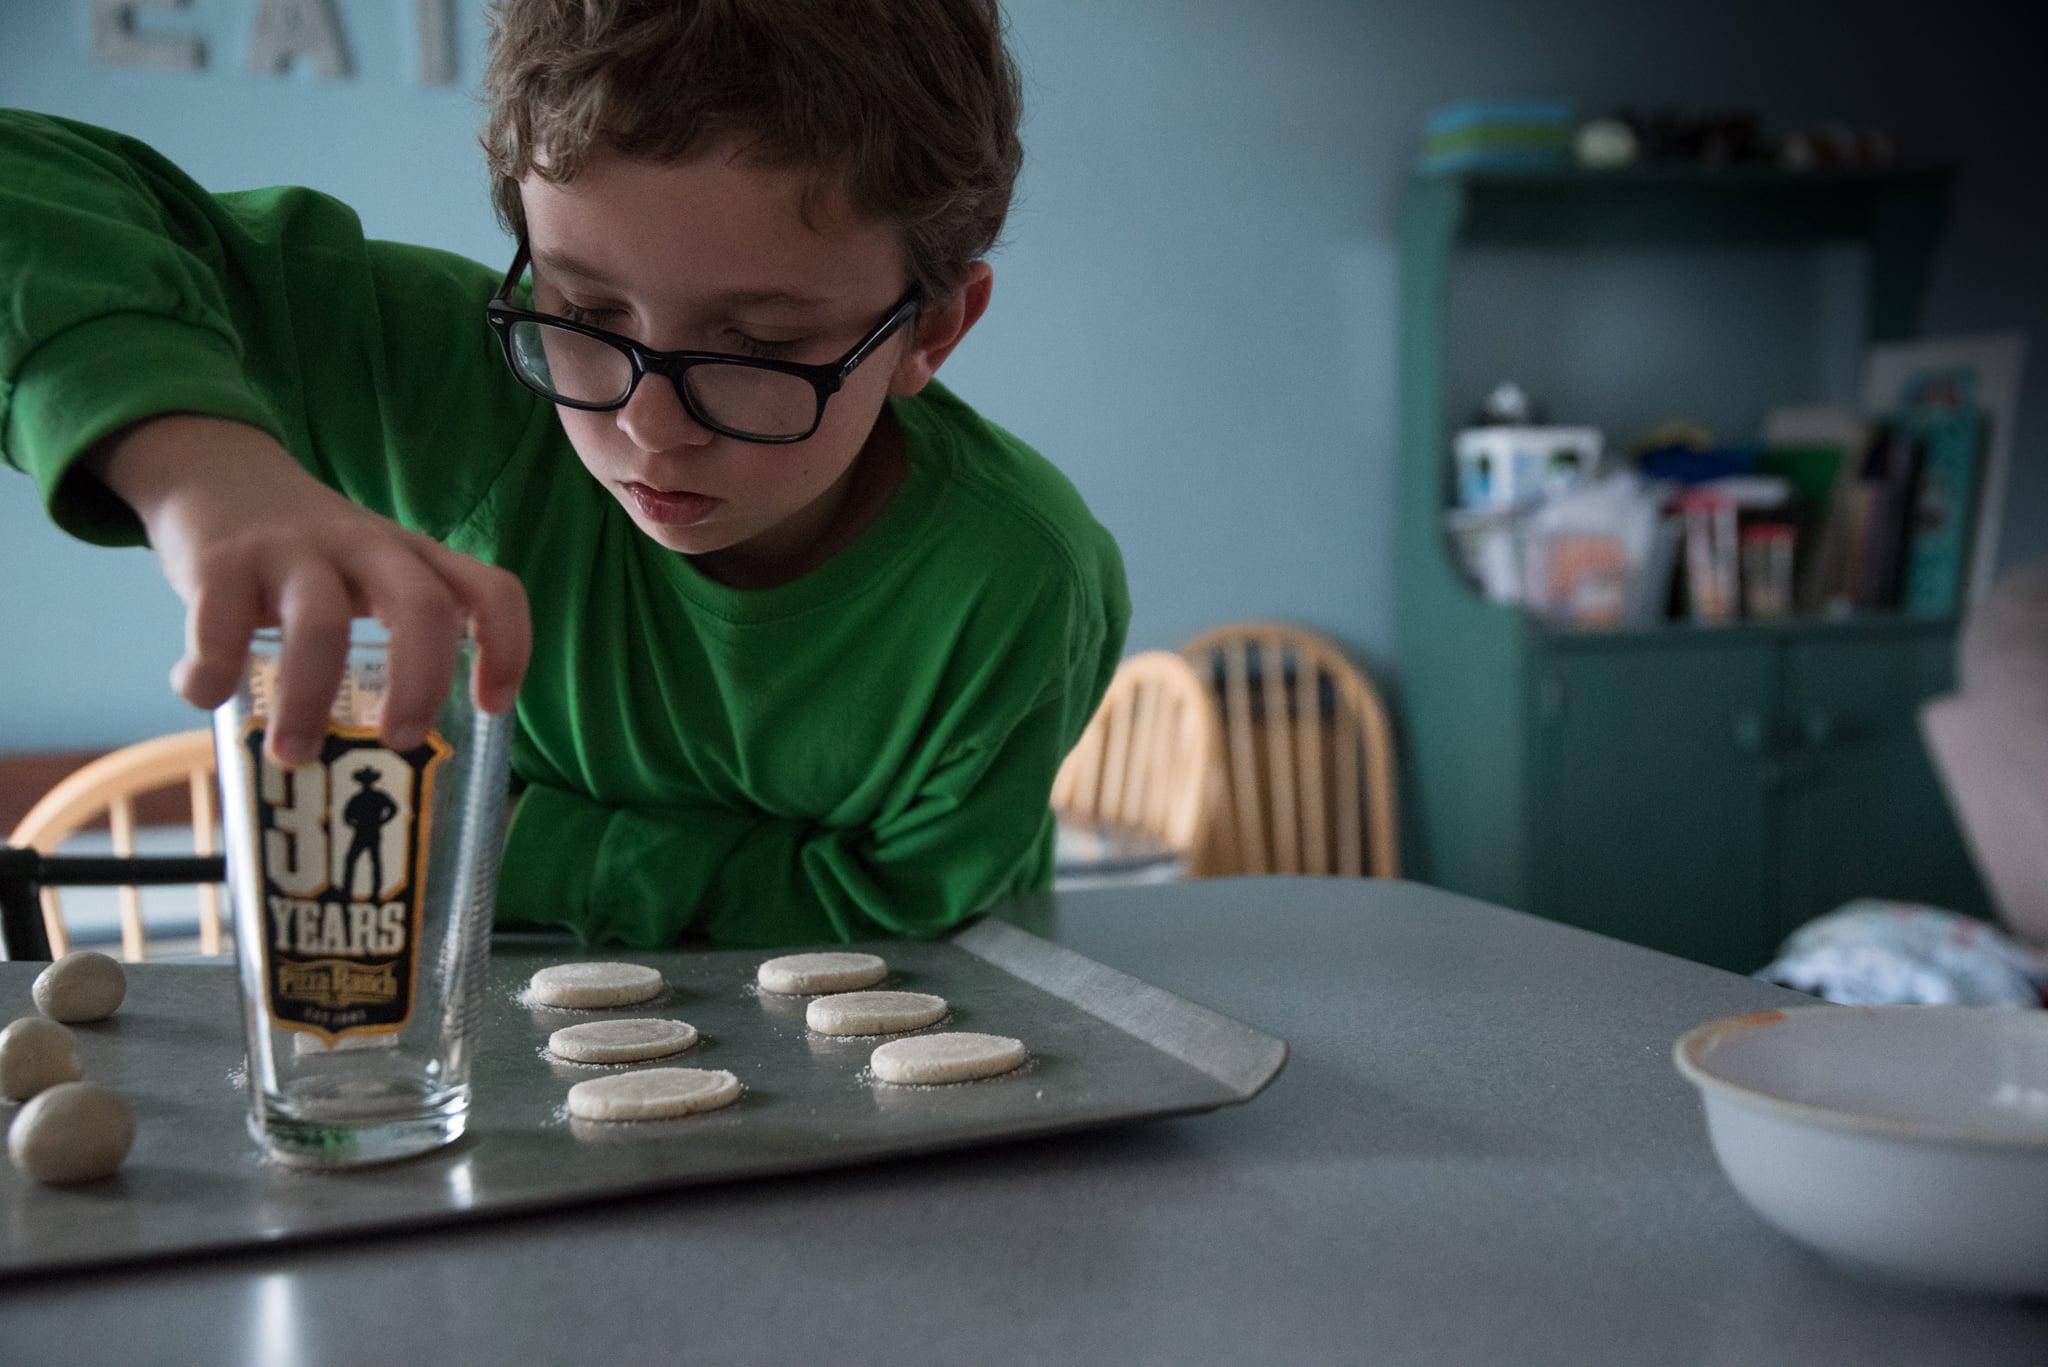 Childrens_Family_Photographer_Fargo_Moorhead-6422.jpg